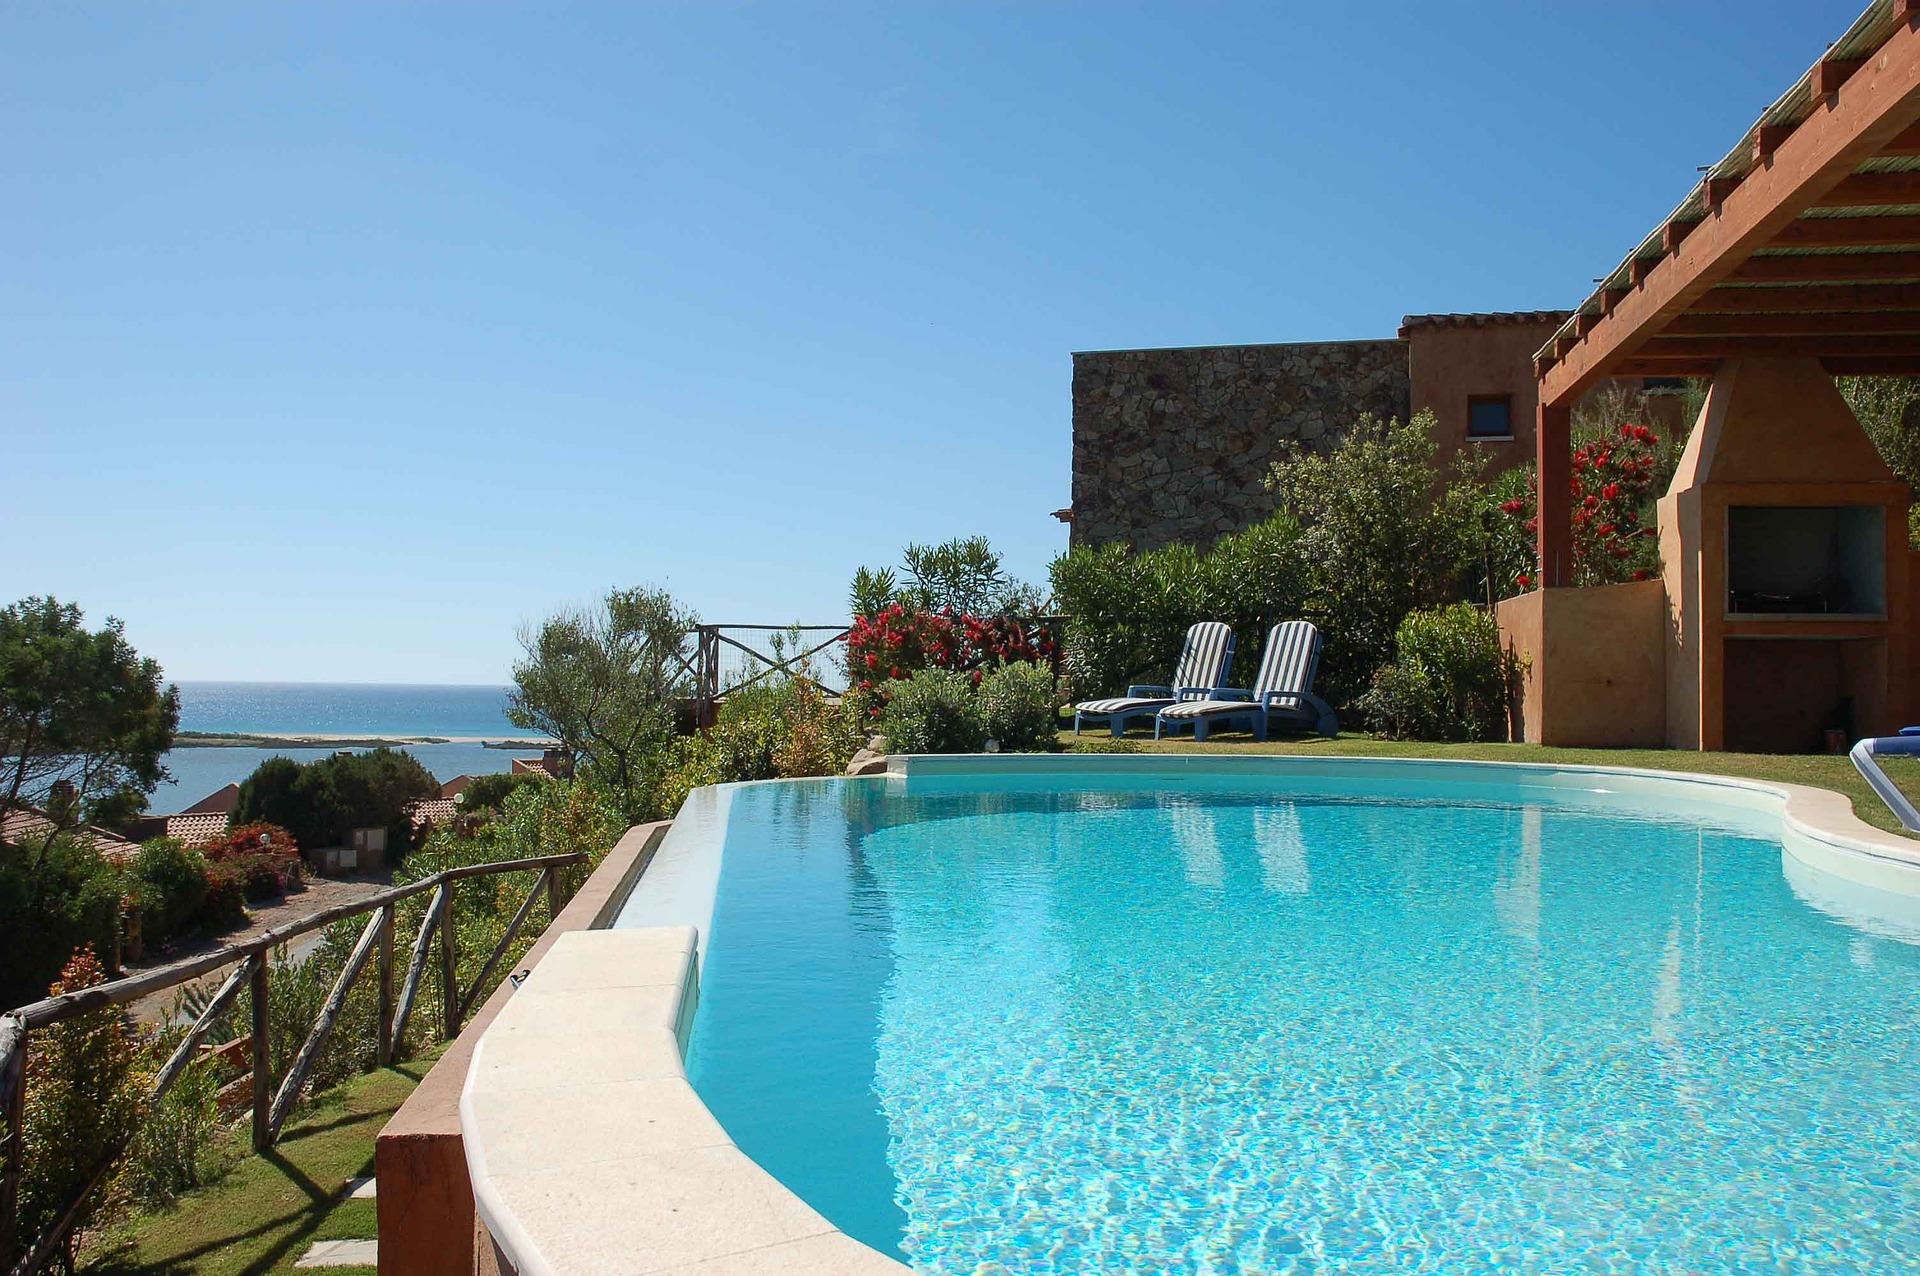 Progettazione realizzazione piscine padova ekoteam for Progettazione casa generatore